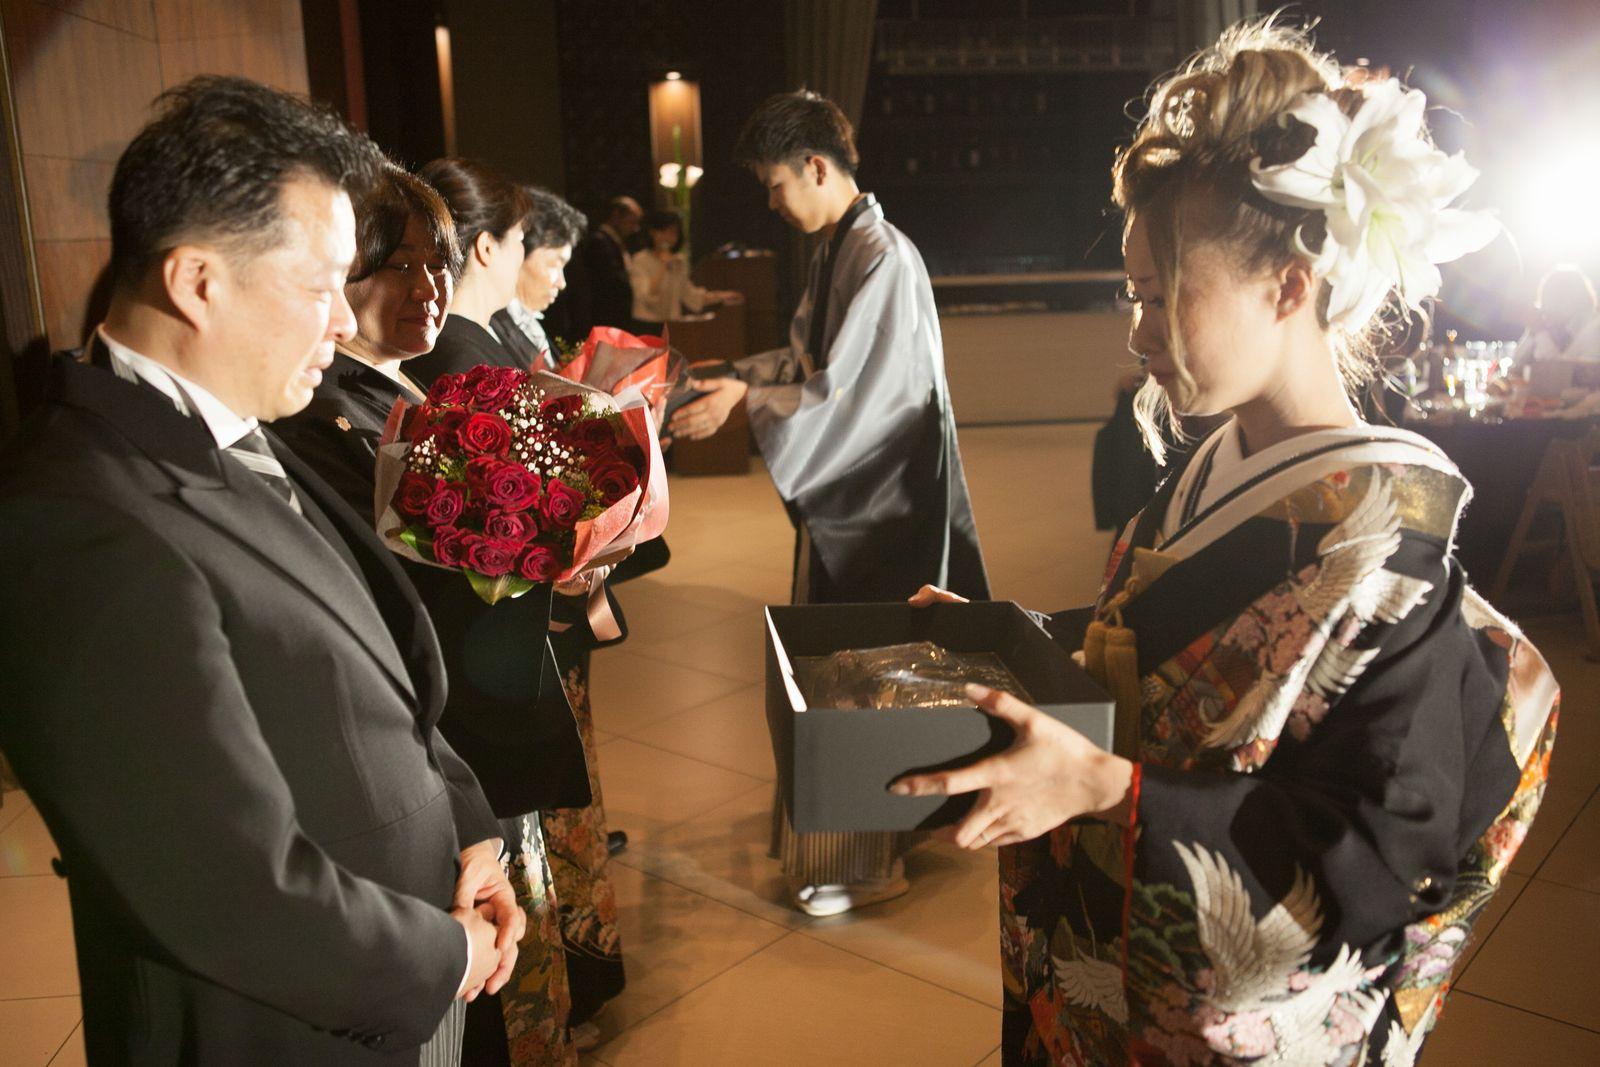 徳島市の結婚式場ブランアンジュで新郎新婦様からご両親様へ感謝のメッセージと共に記念品の贈呈